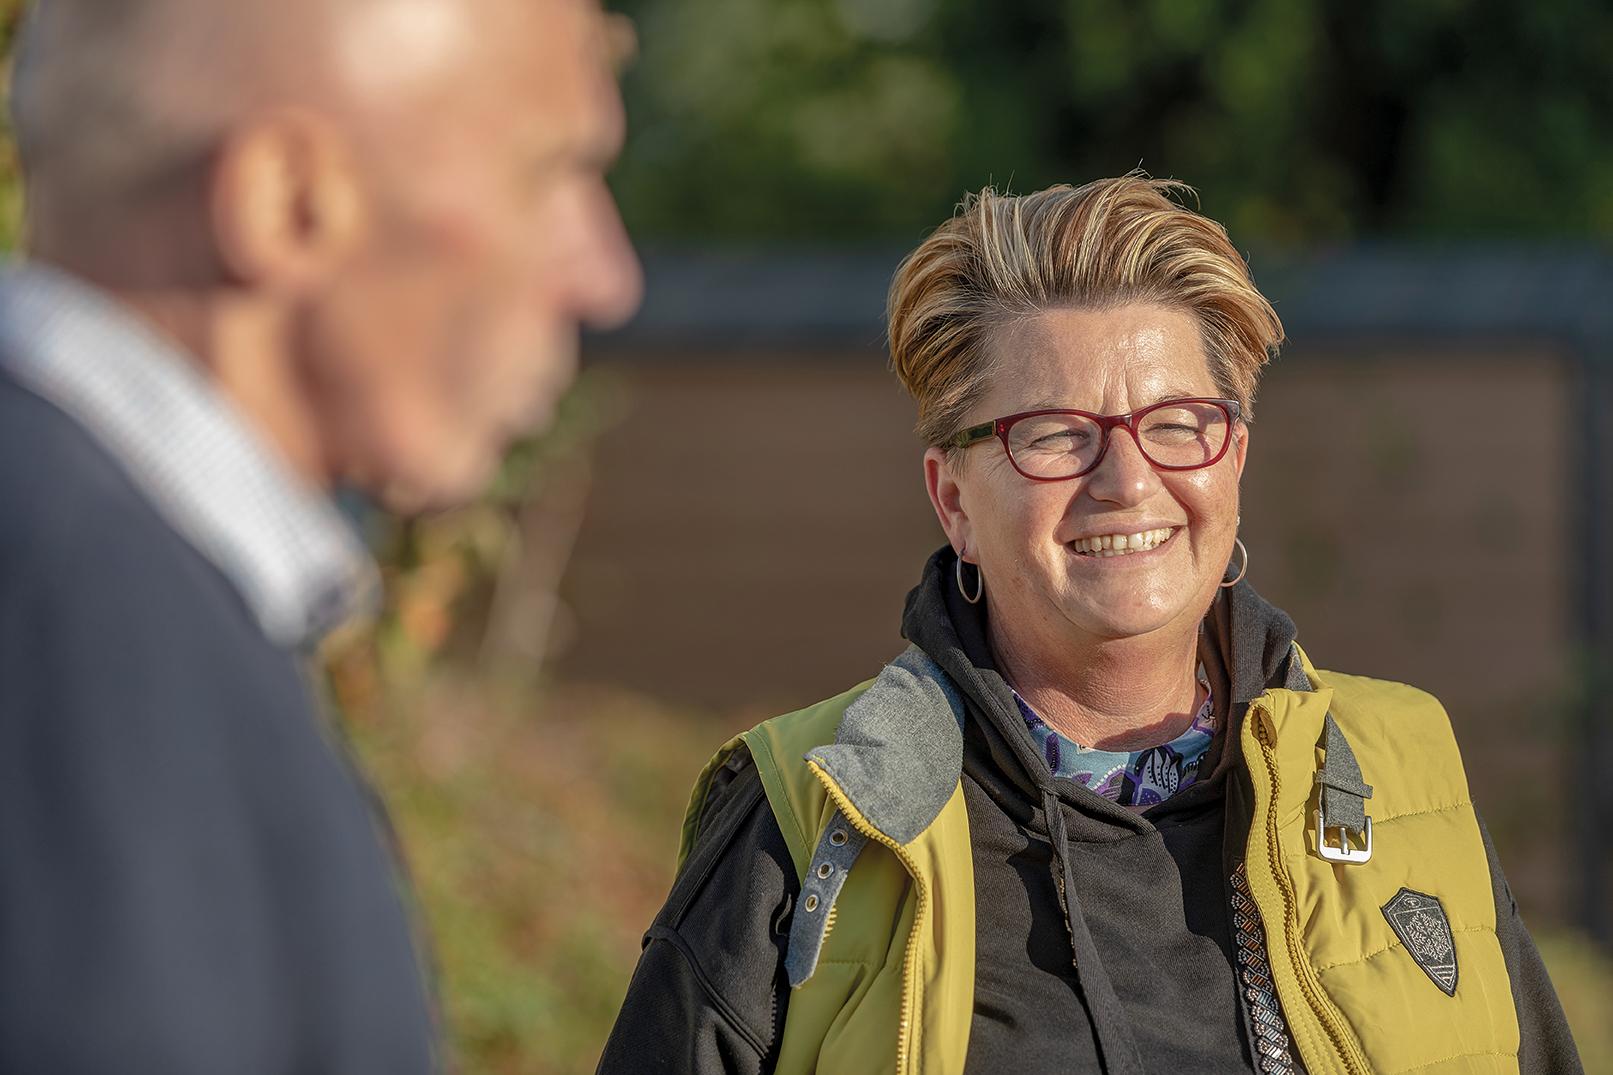 WOLL Chefredakteur Paul Senske (li) und Ulrike Mikitta, Ortsvorsteherin von Andreasberg, Dörnberg und Wasserfall im Gespräch